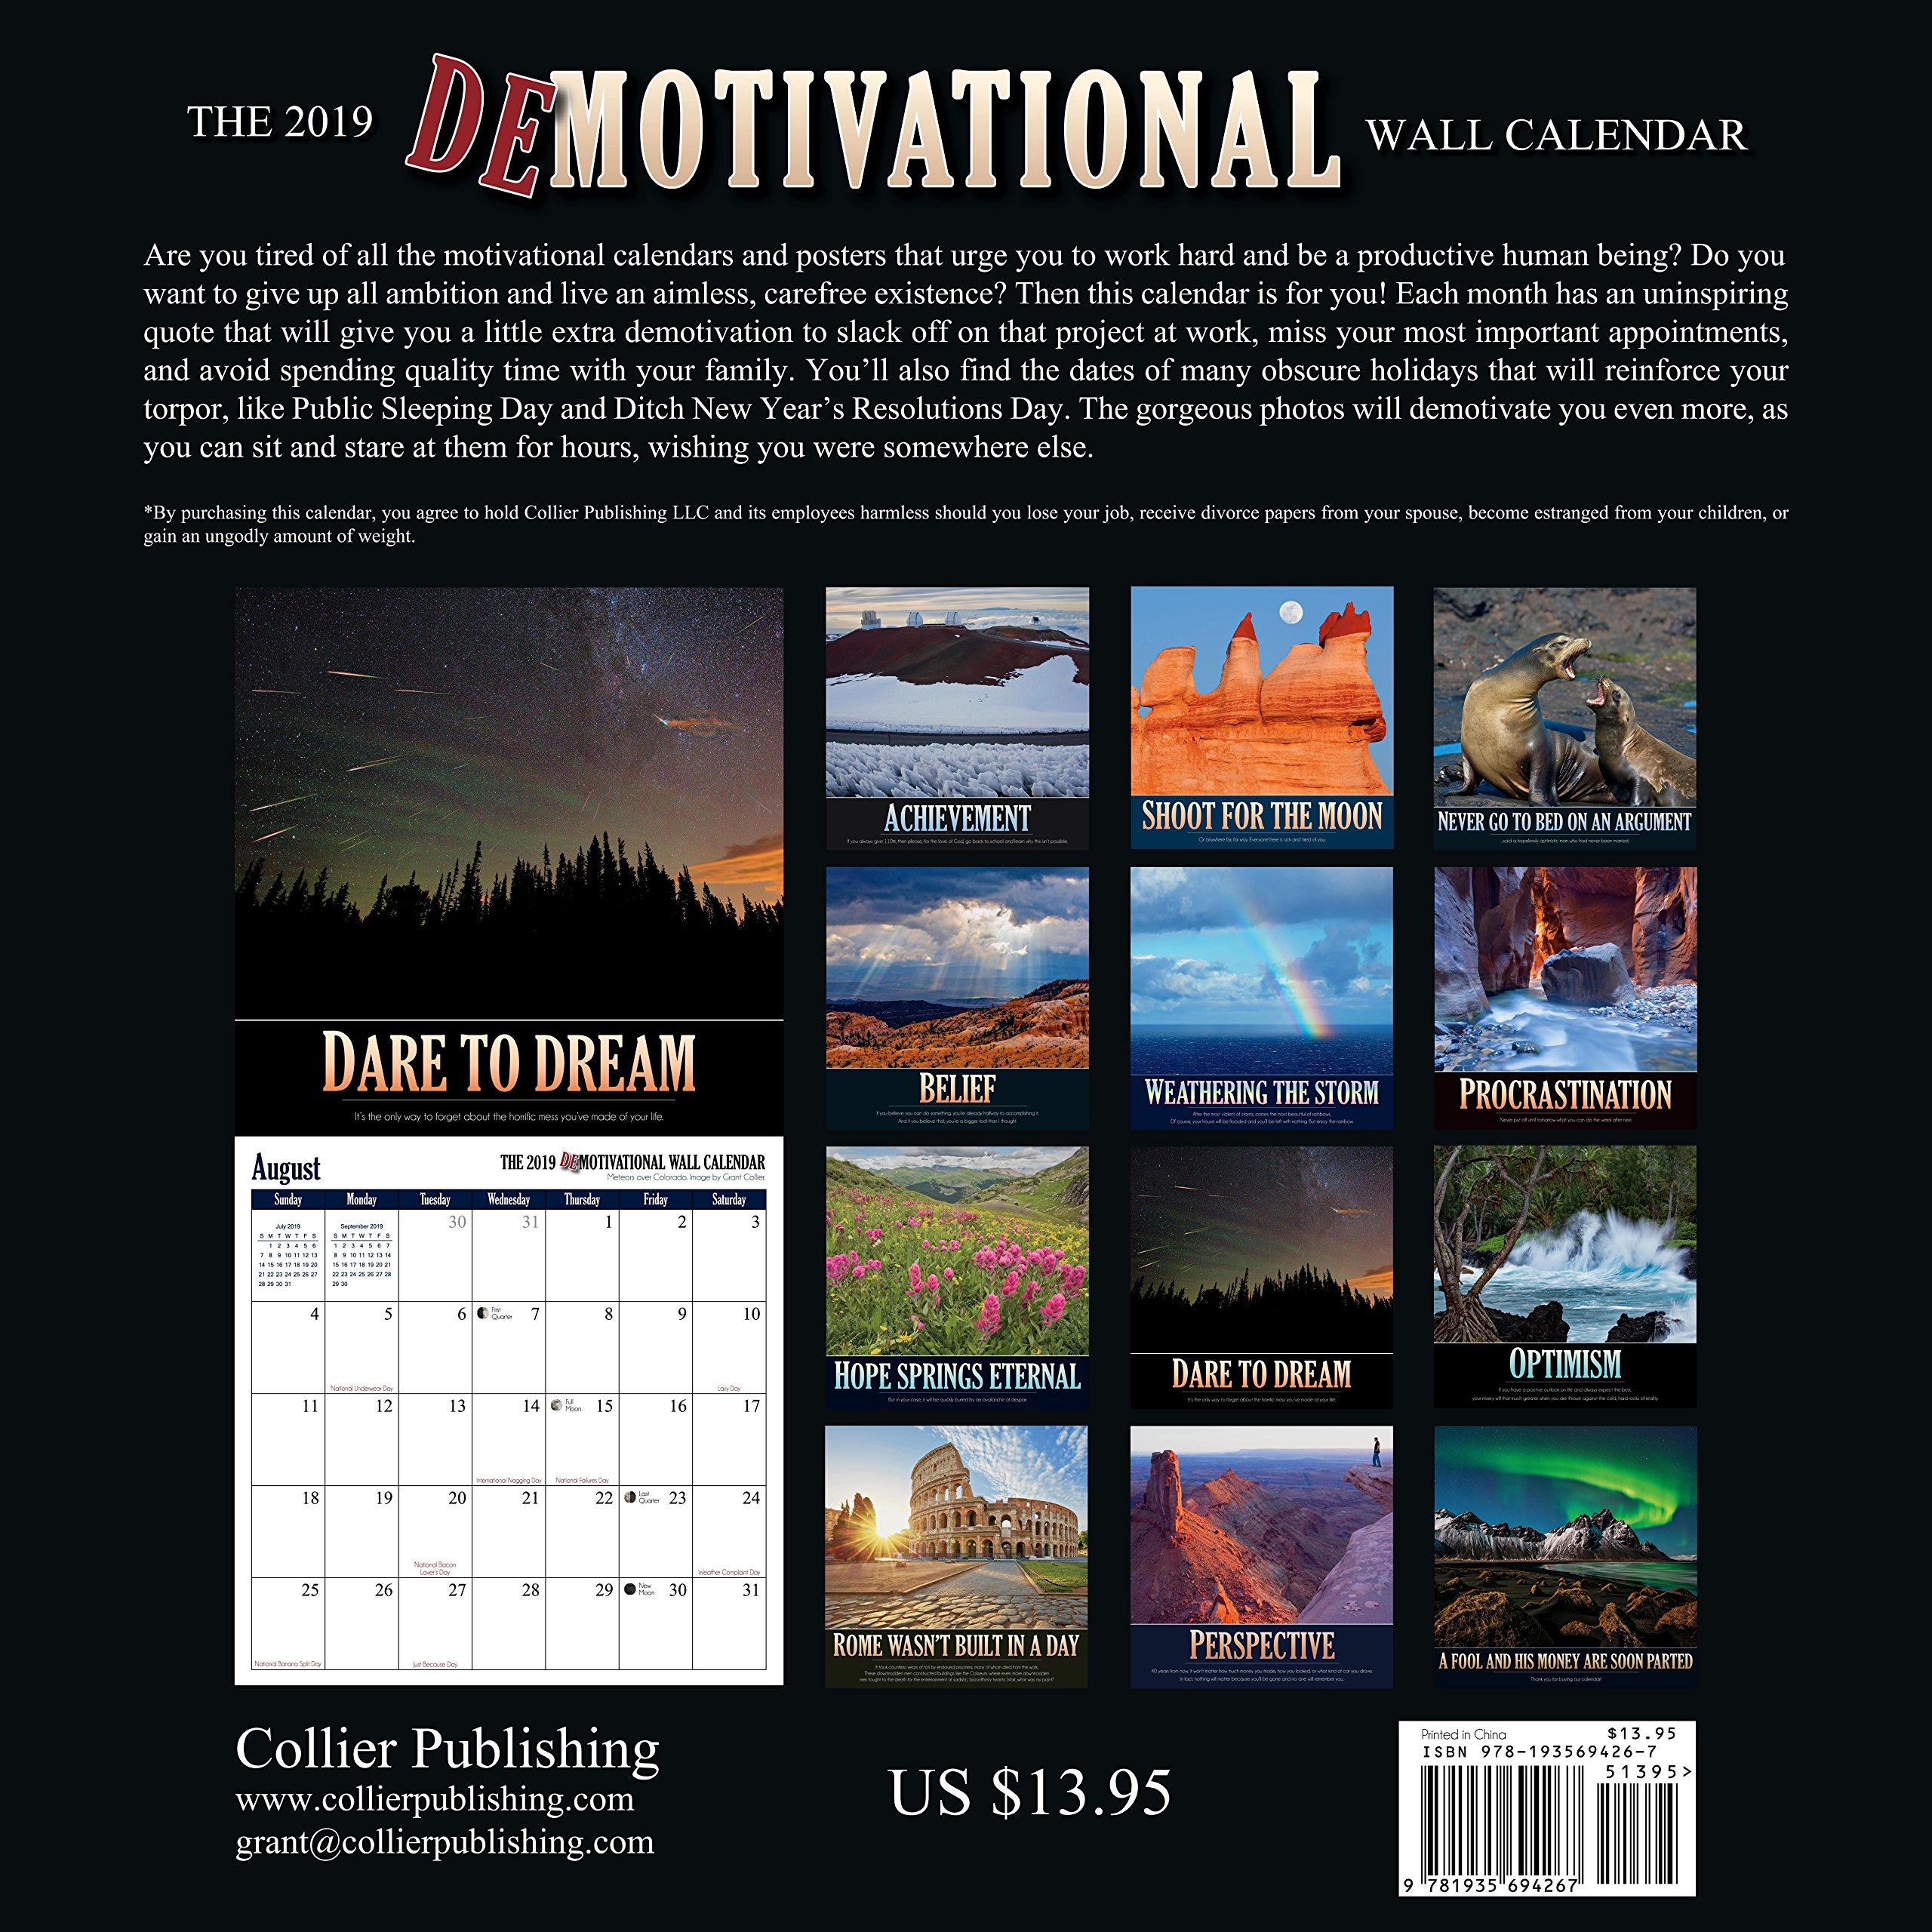 The 2019 Demotivational Wall Calendar Grant Collier 9781935694311